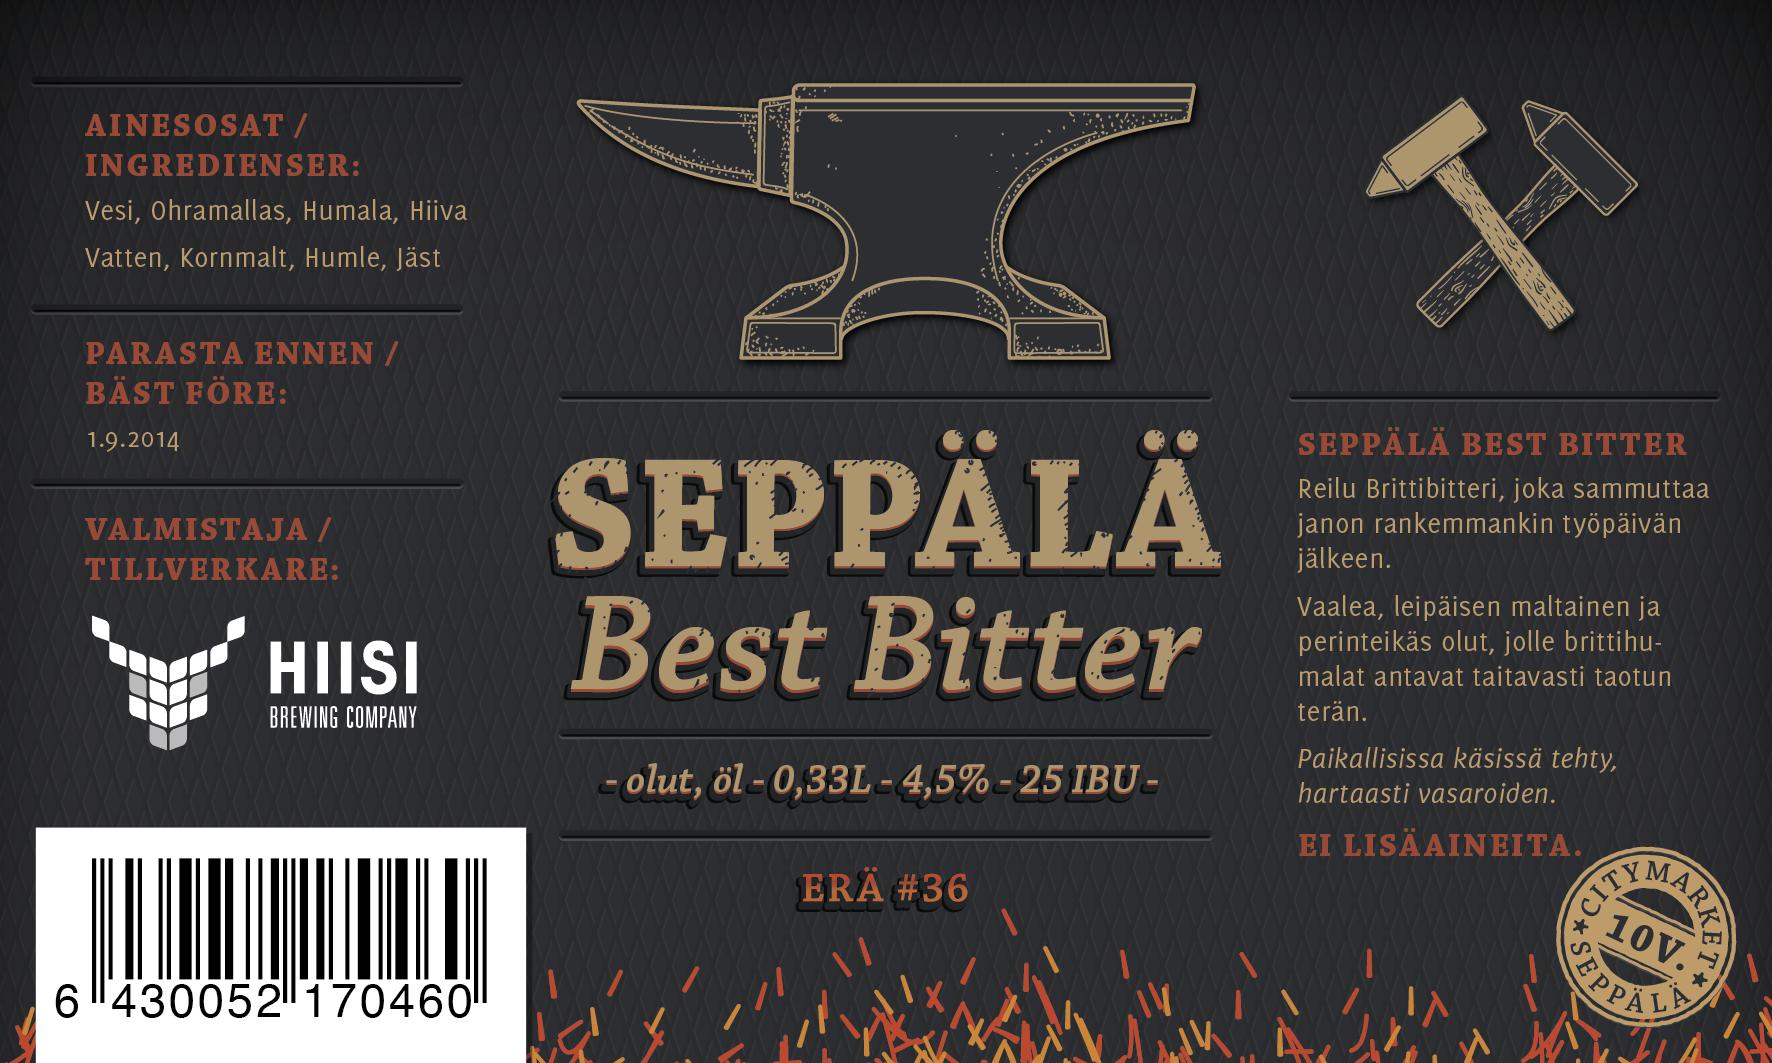 Seppälä Best Bitter. Ilmeeseen haluttiin vaikutteita Seppälän alueen seppäperinteestä. Päädyimme kuvituksessa alasimeen, vasaroihin ja kipinöihin.